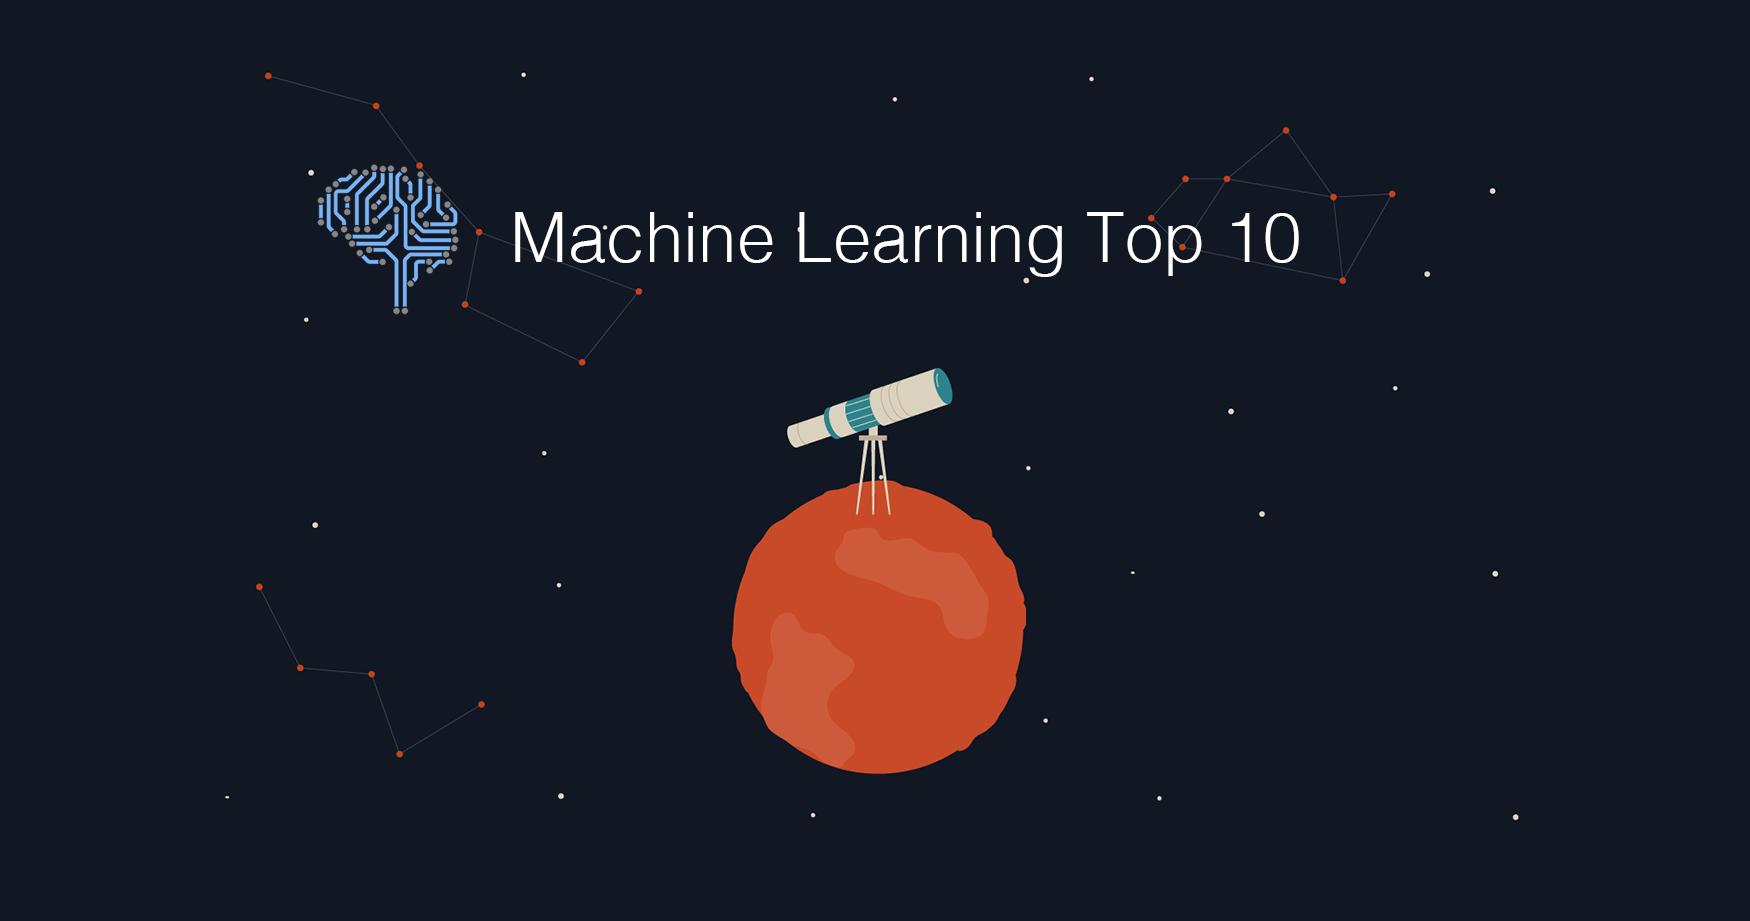 ТОП-10 англоязычных публикаций по машинному обучению за апрель 2018